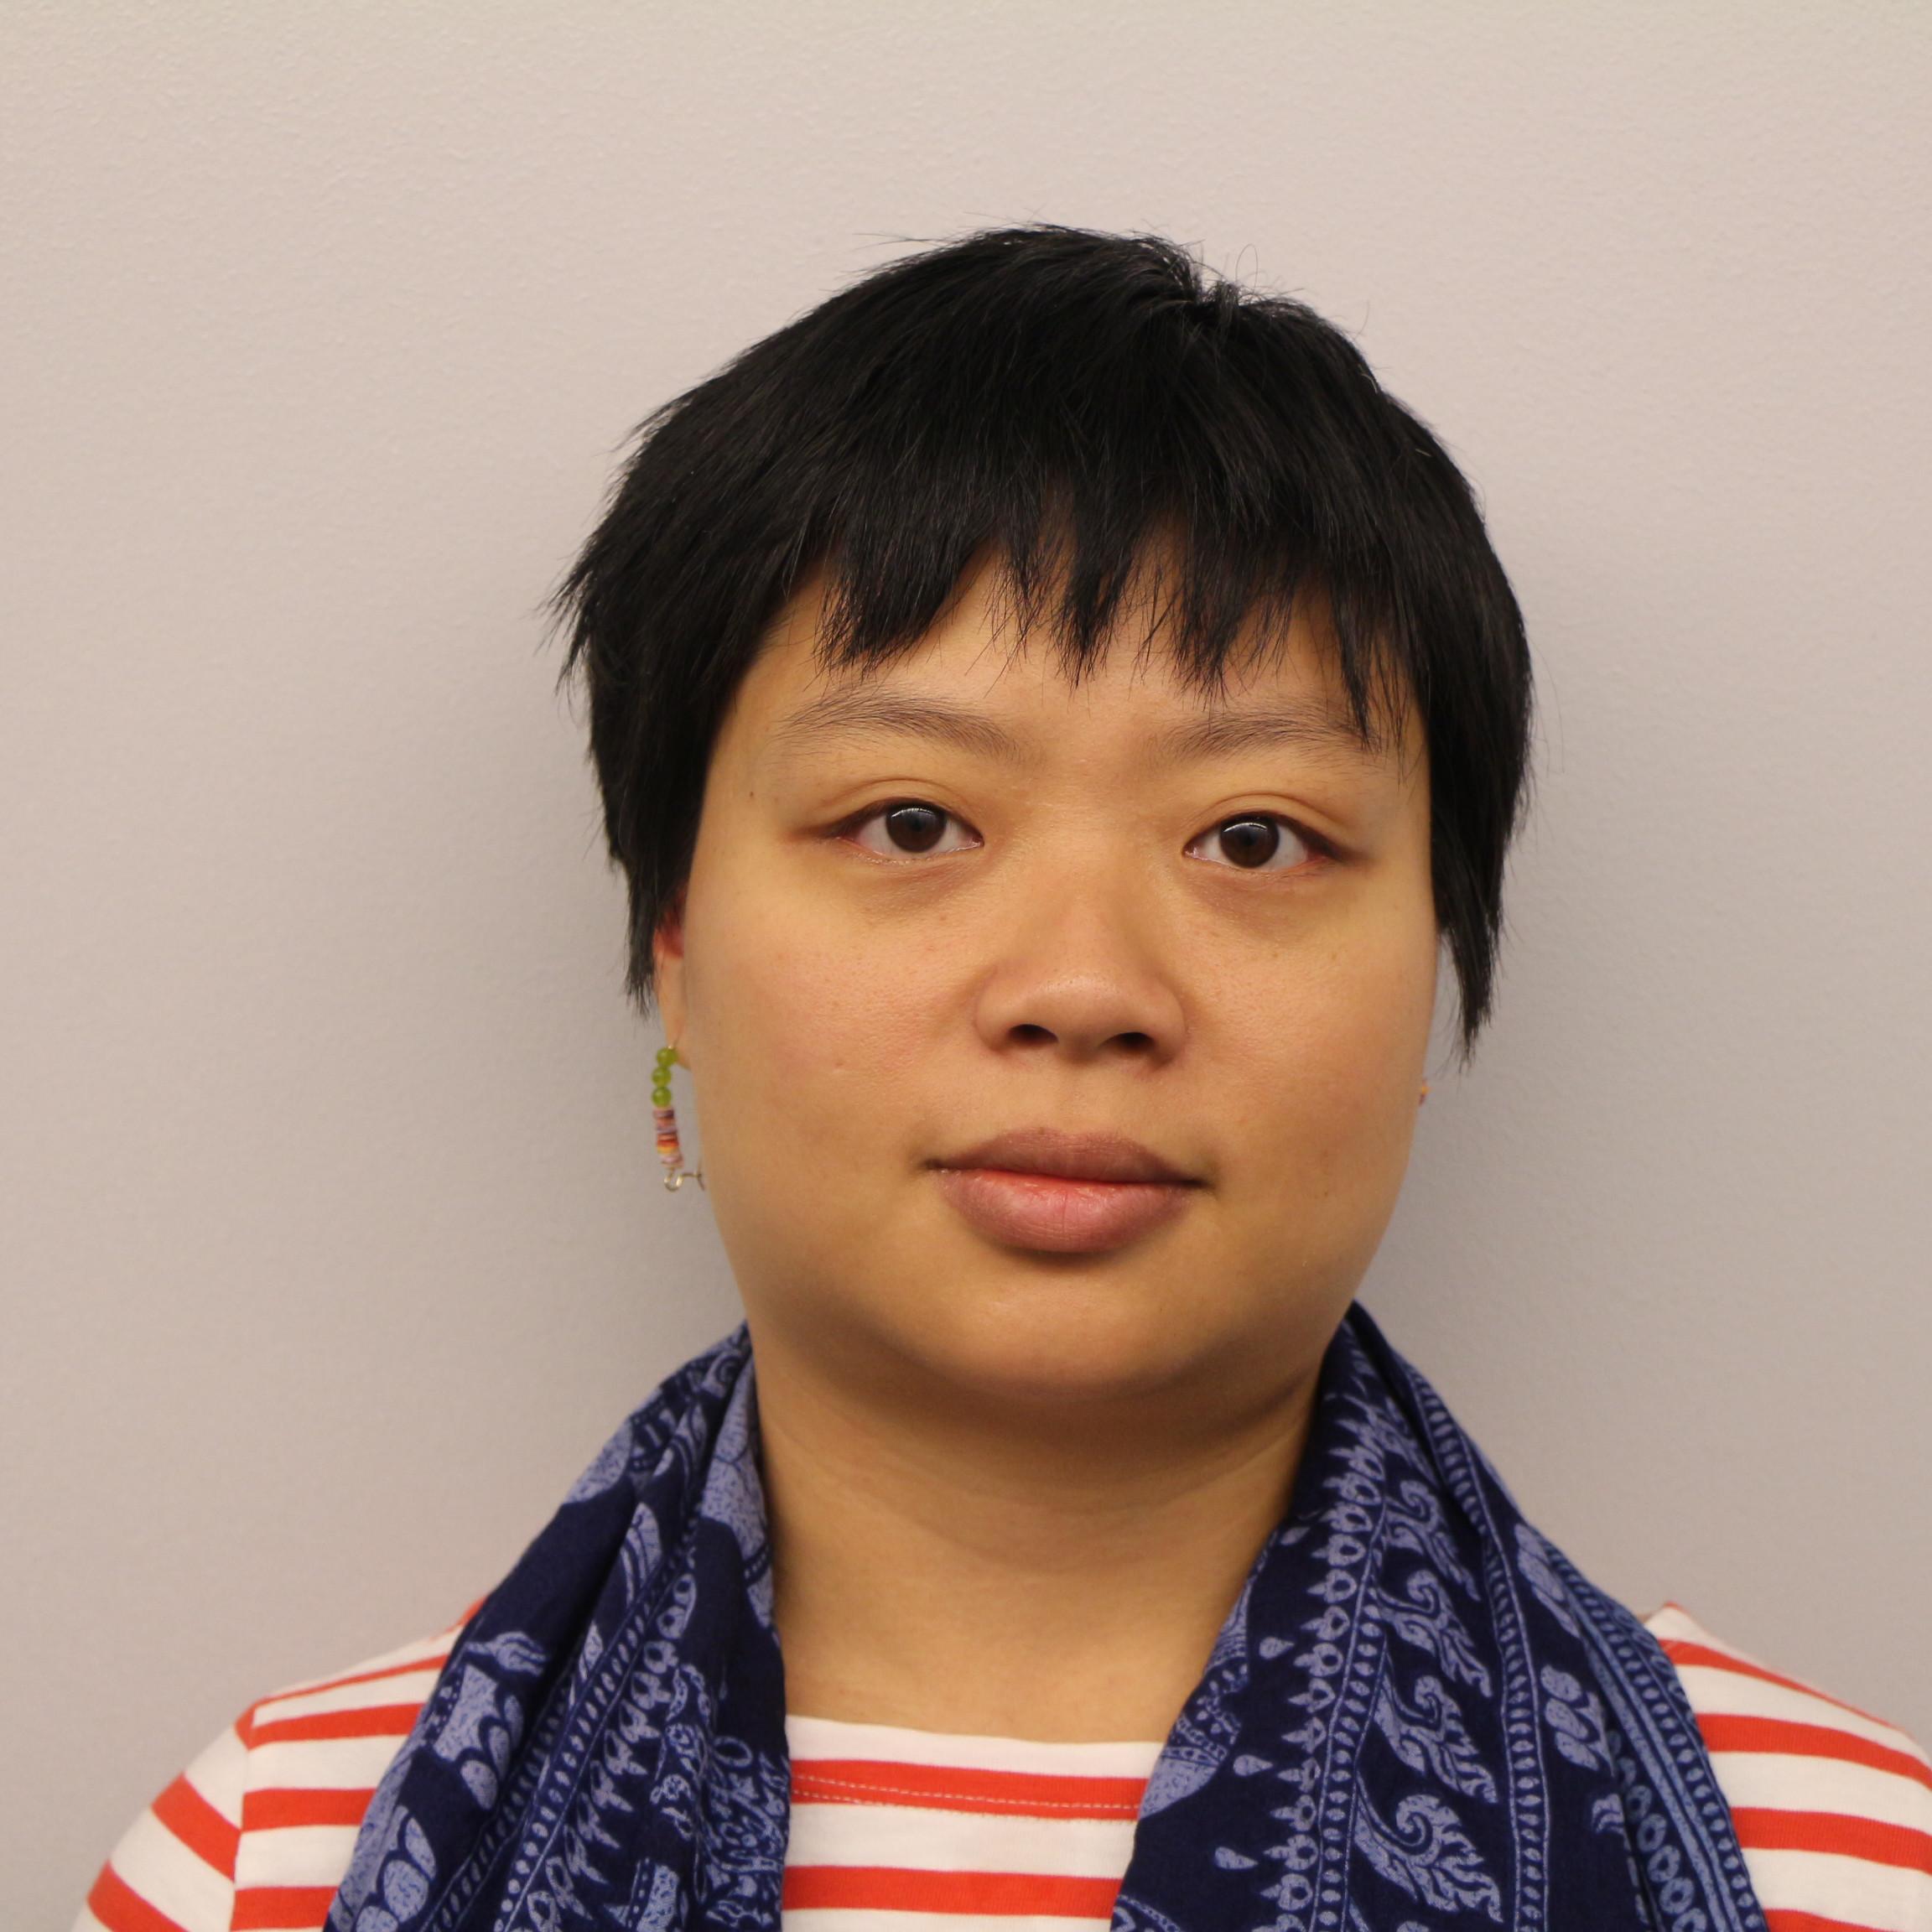 Hsinwei Chiang